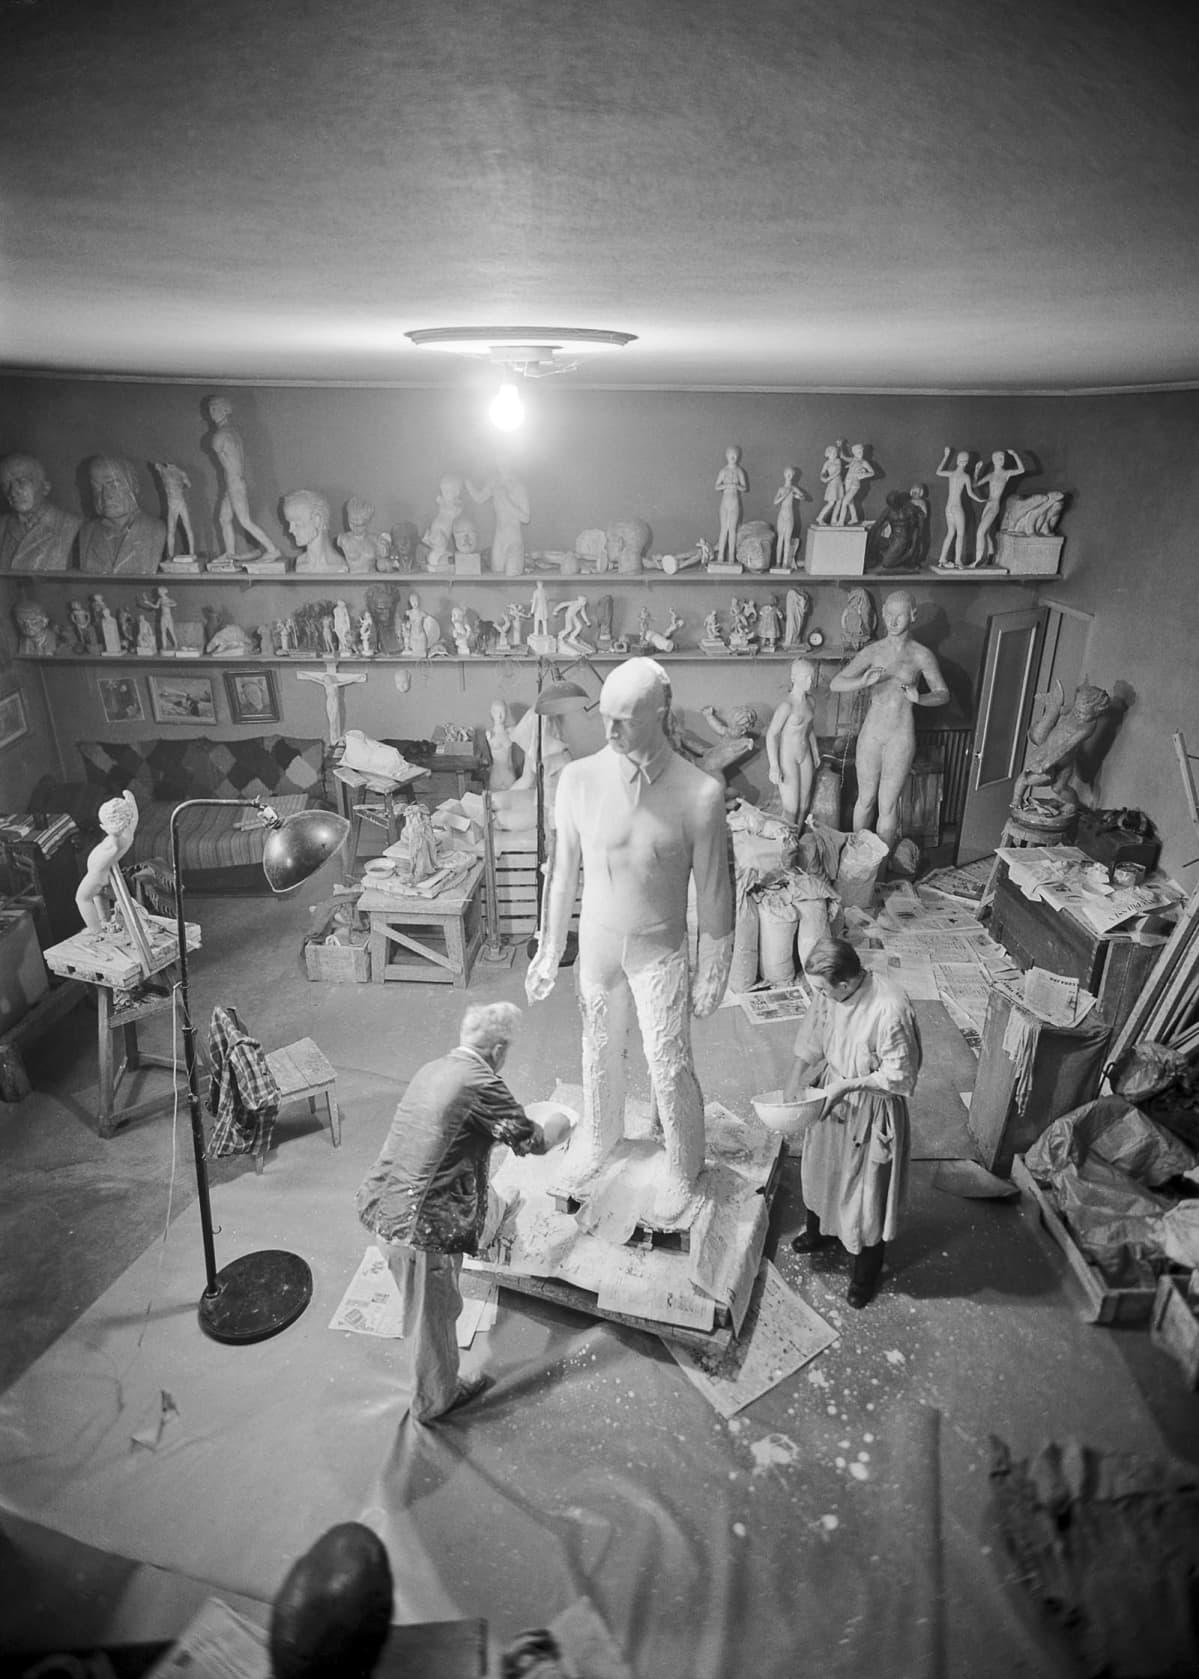 Viktor Jansson (Faffan) ateljeessaan Lallukassa, 1951